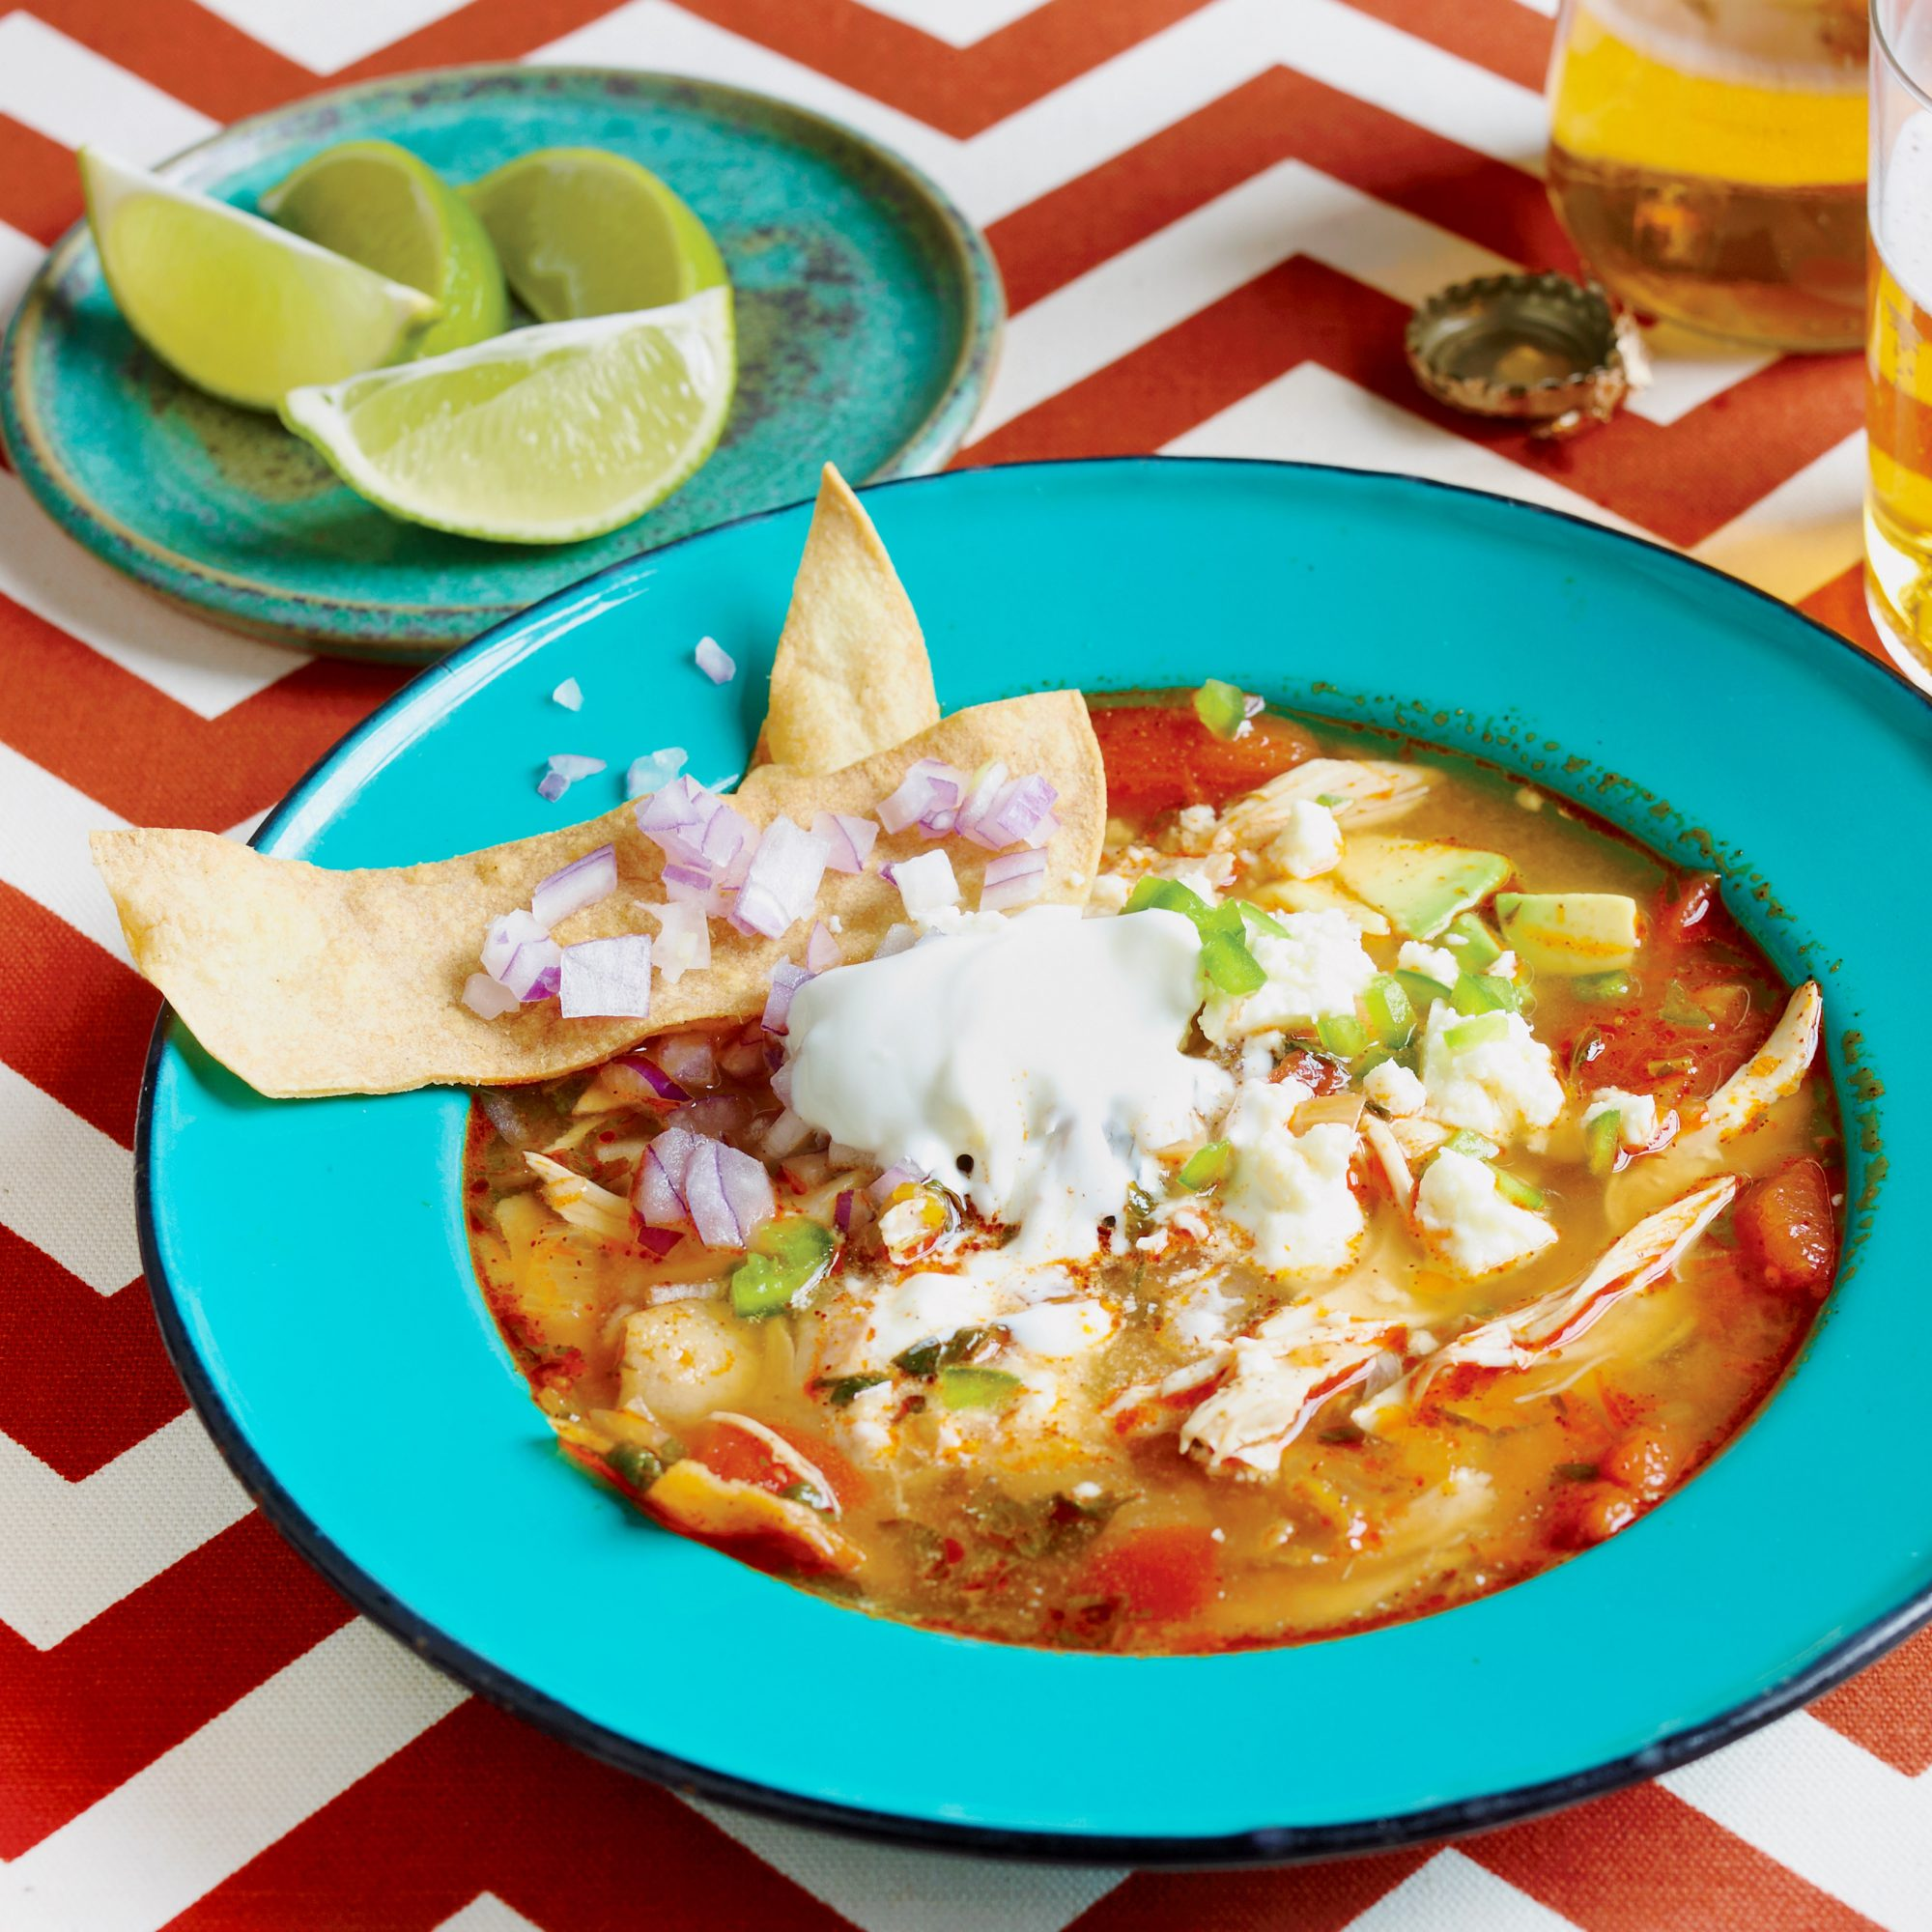 Jane Fox's Famous Tortilla Soup